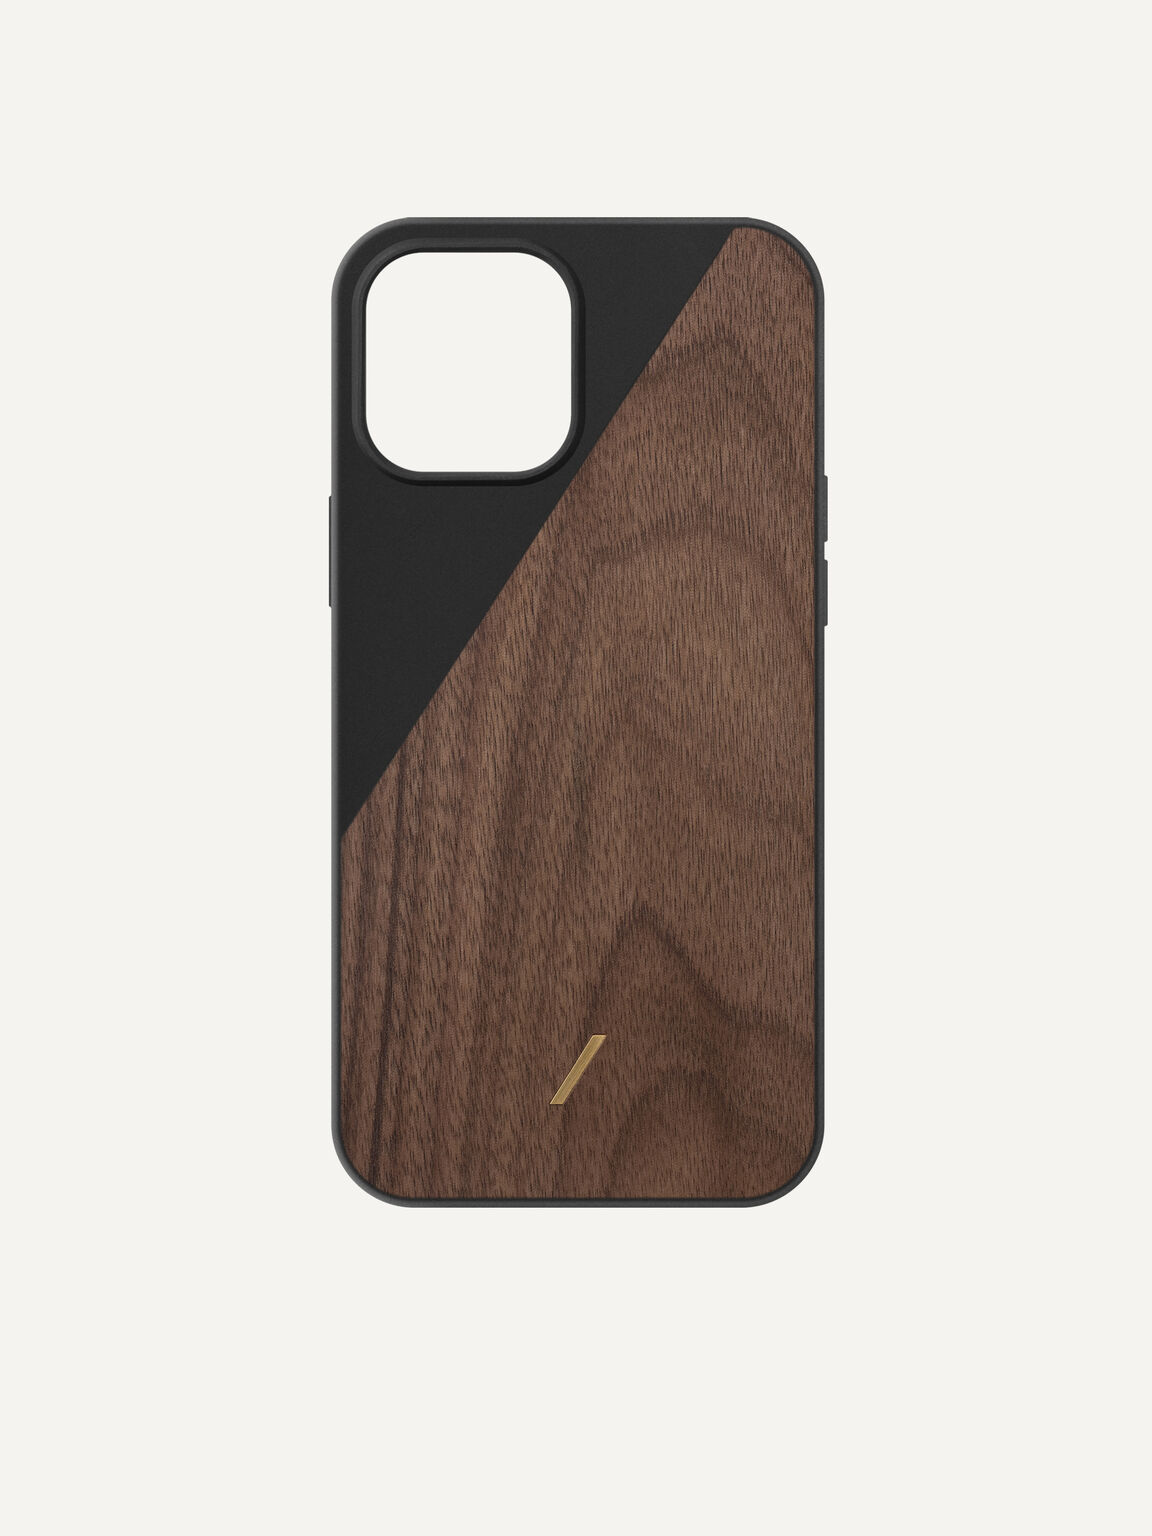 Genuine Wood iPhone 12 Max Pro Case, Black, hi-res